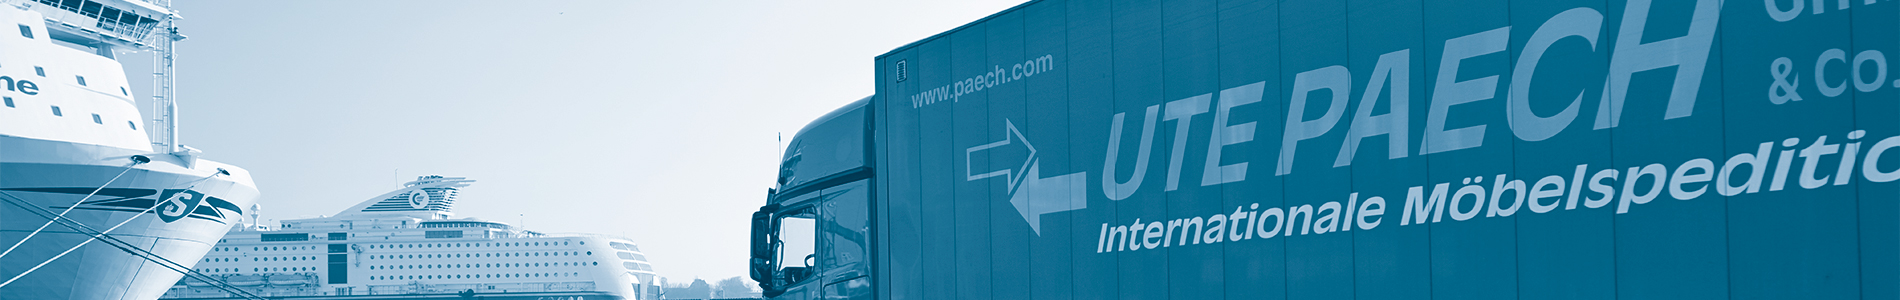 Ute Paech GmbH & Co. KG - Skandinavien Europa Weltweit